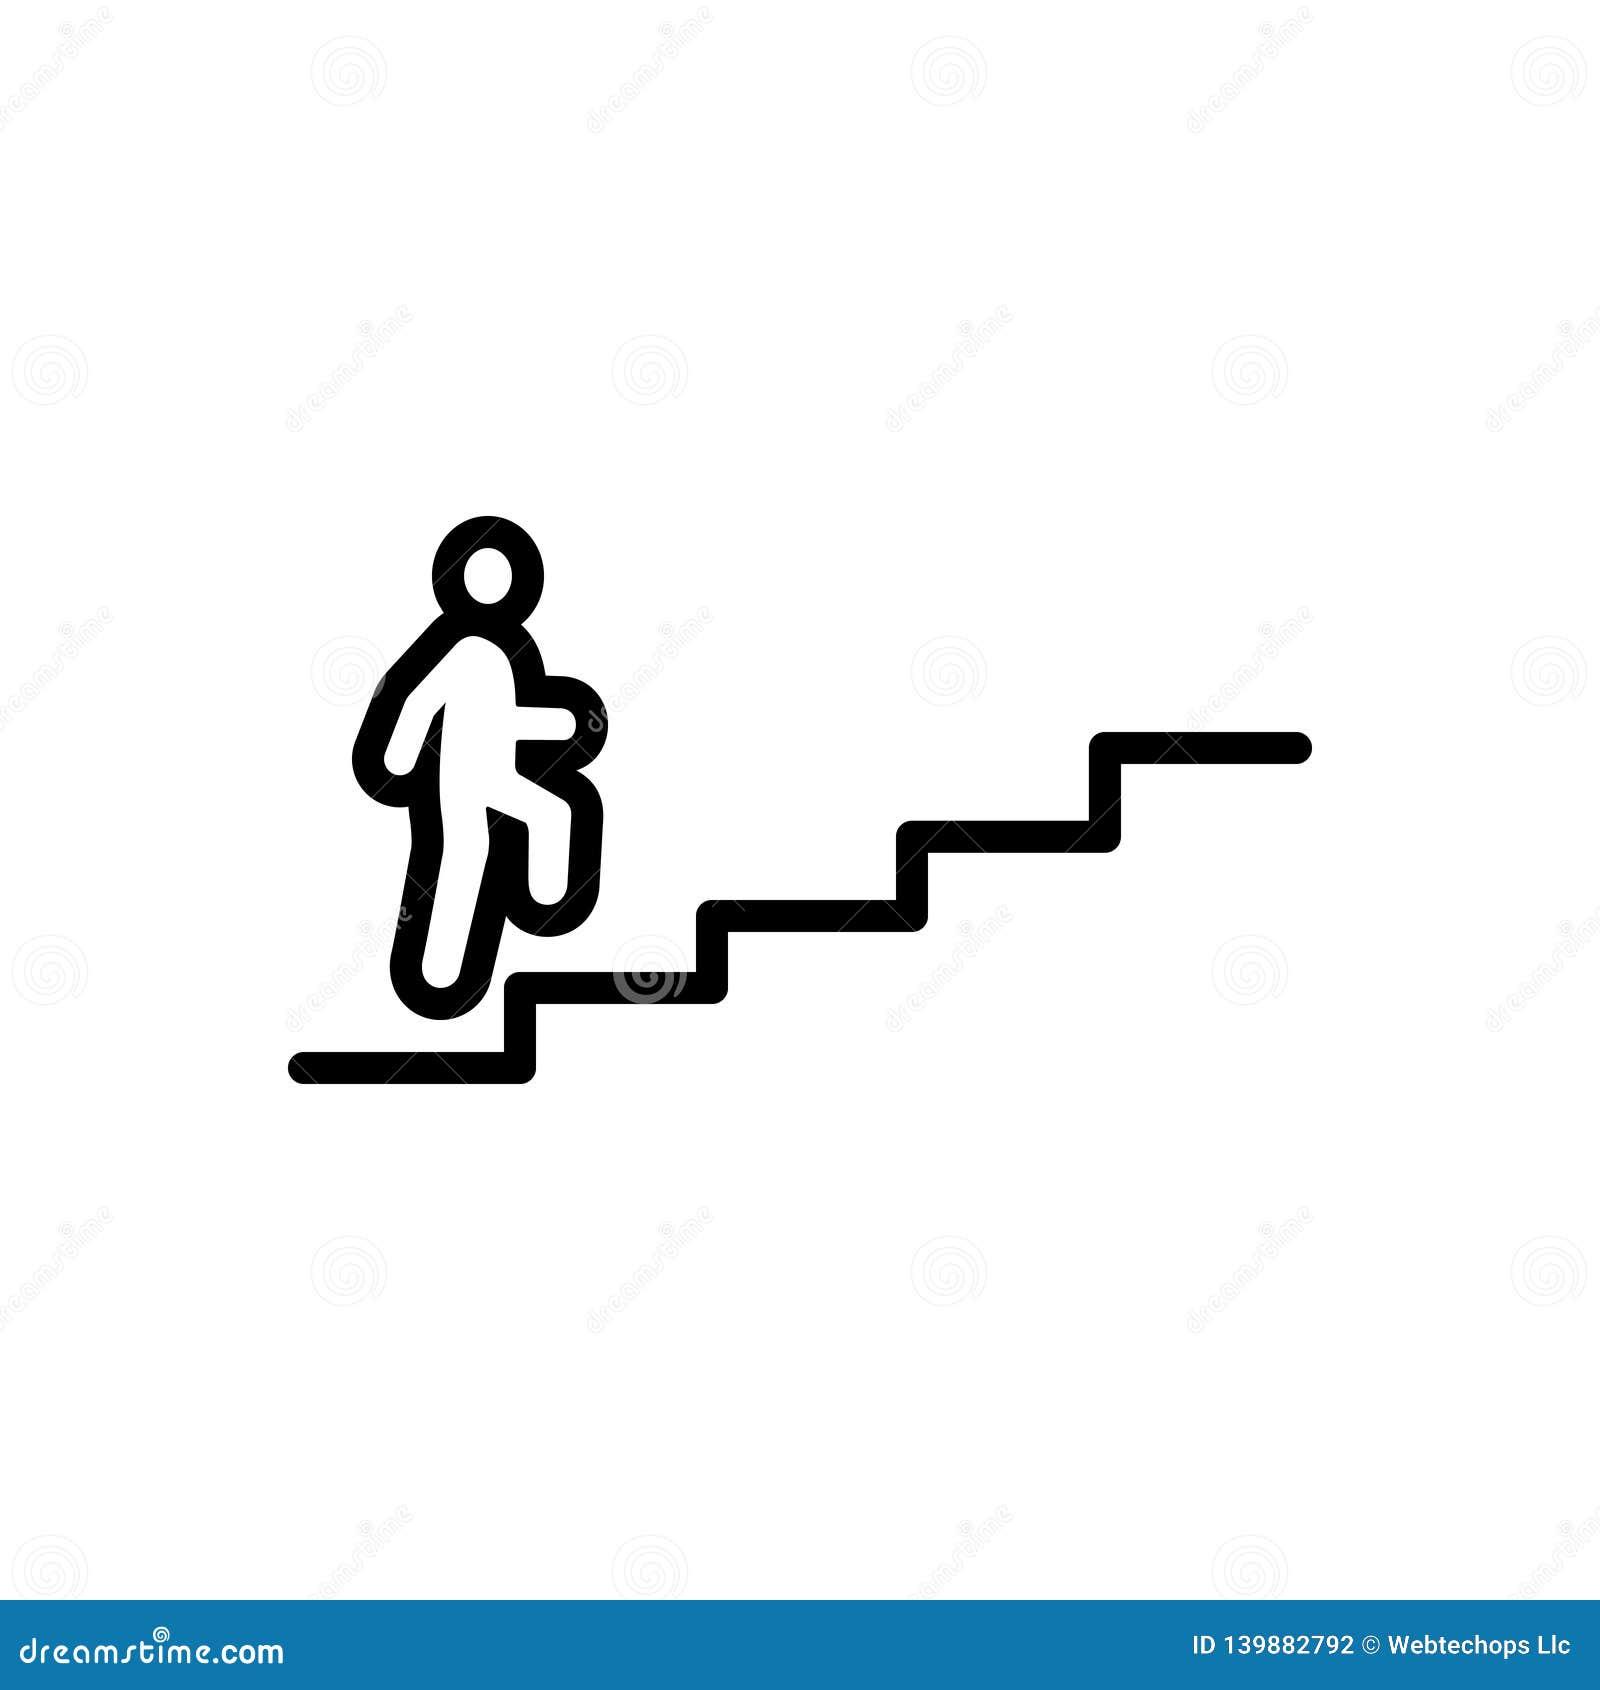 Black line icon for Beginner, beginning and start